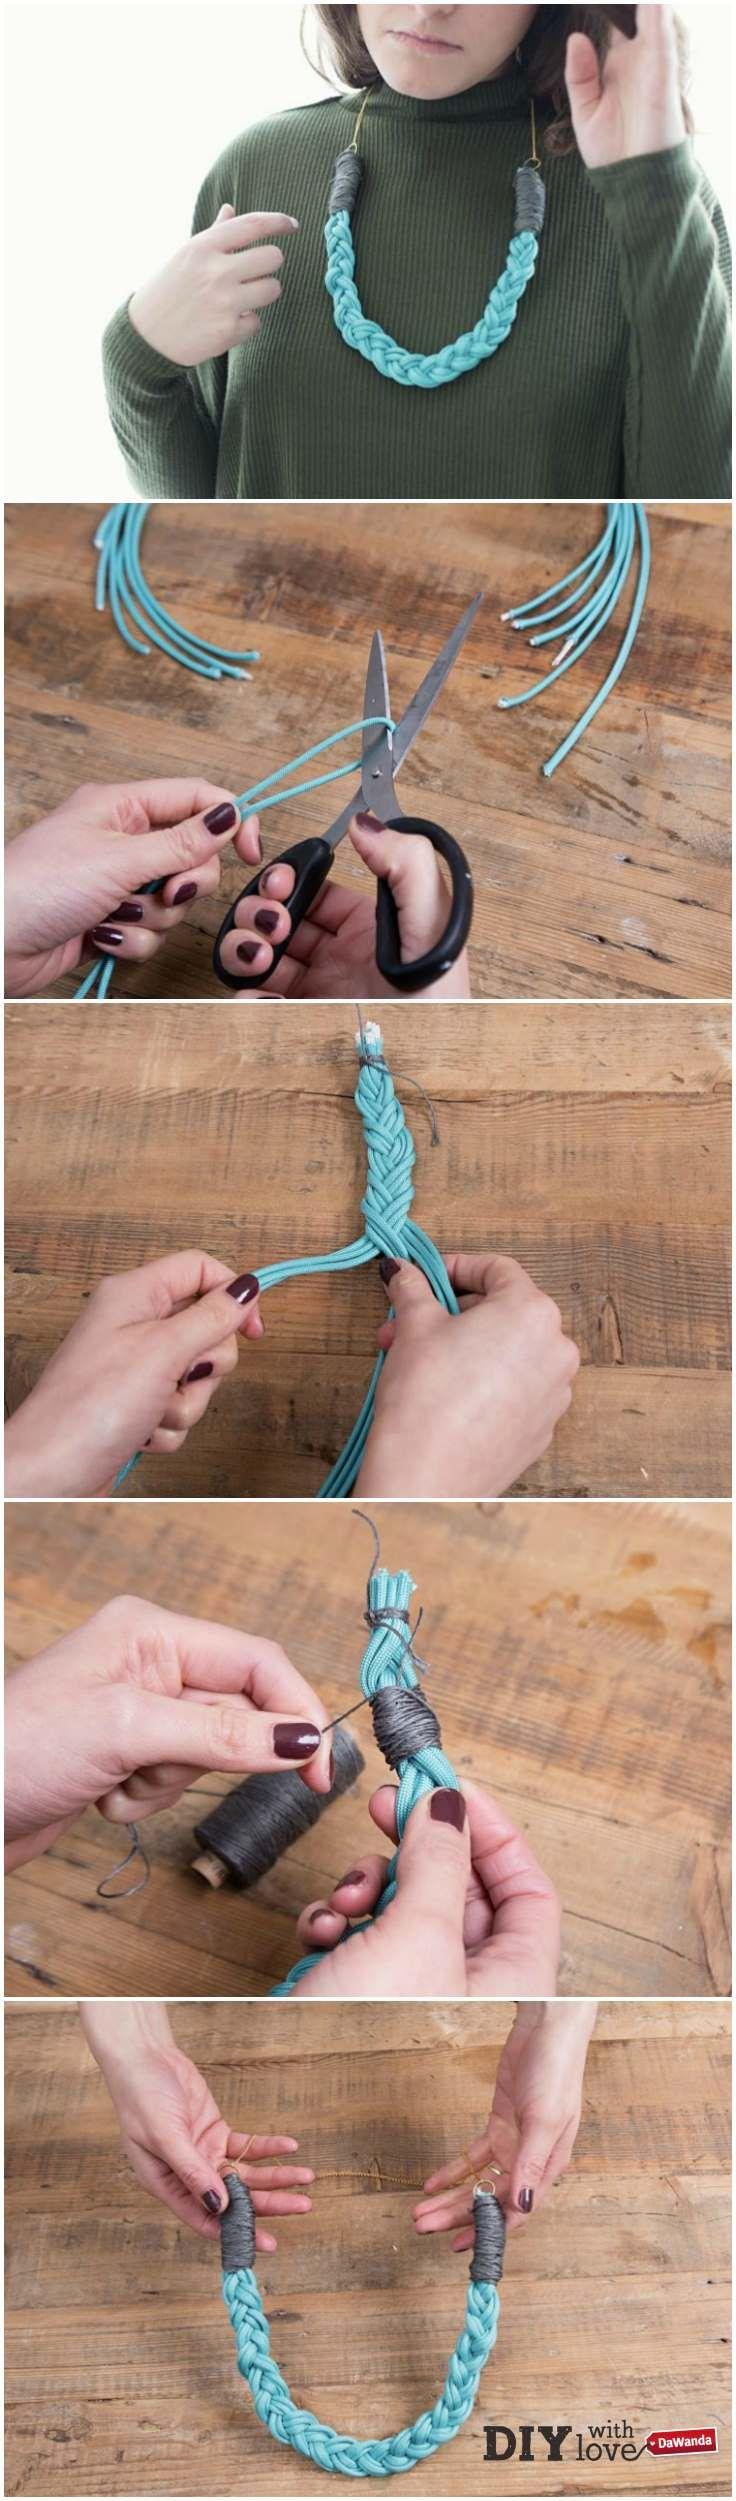 Trend gioielli paracord - realizza una collana intrecciata con il nostro tutorial! http://it.dawanda.com/tutorial-fai-da-te/creare-gioielli/realizzare-collana-intrecciata-paracord